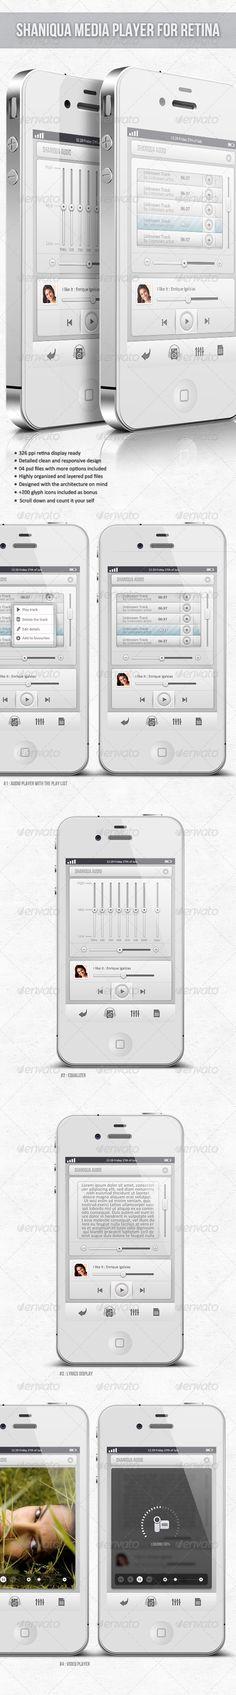 Retina Media Player - Shaniqua - GraphicRiver Item for Sale